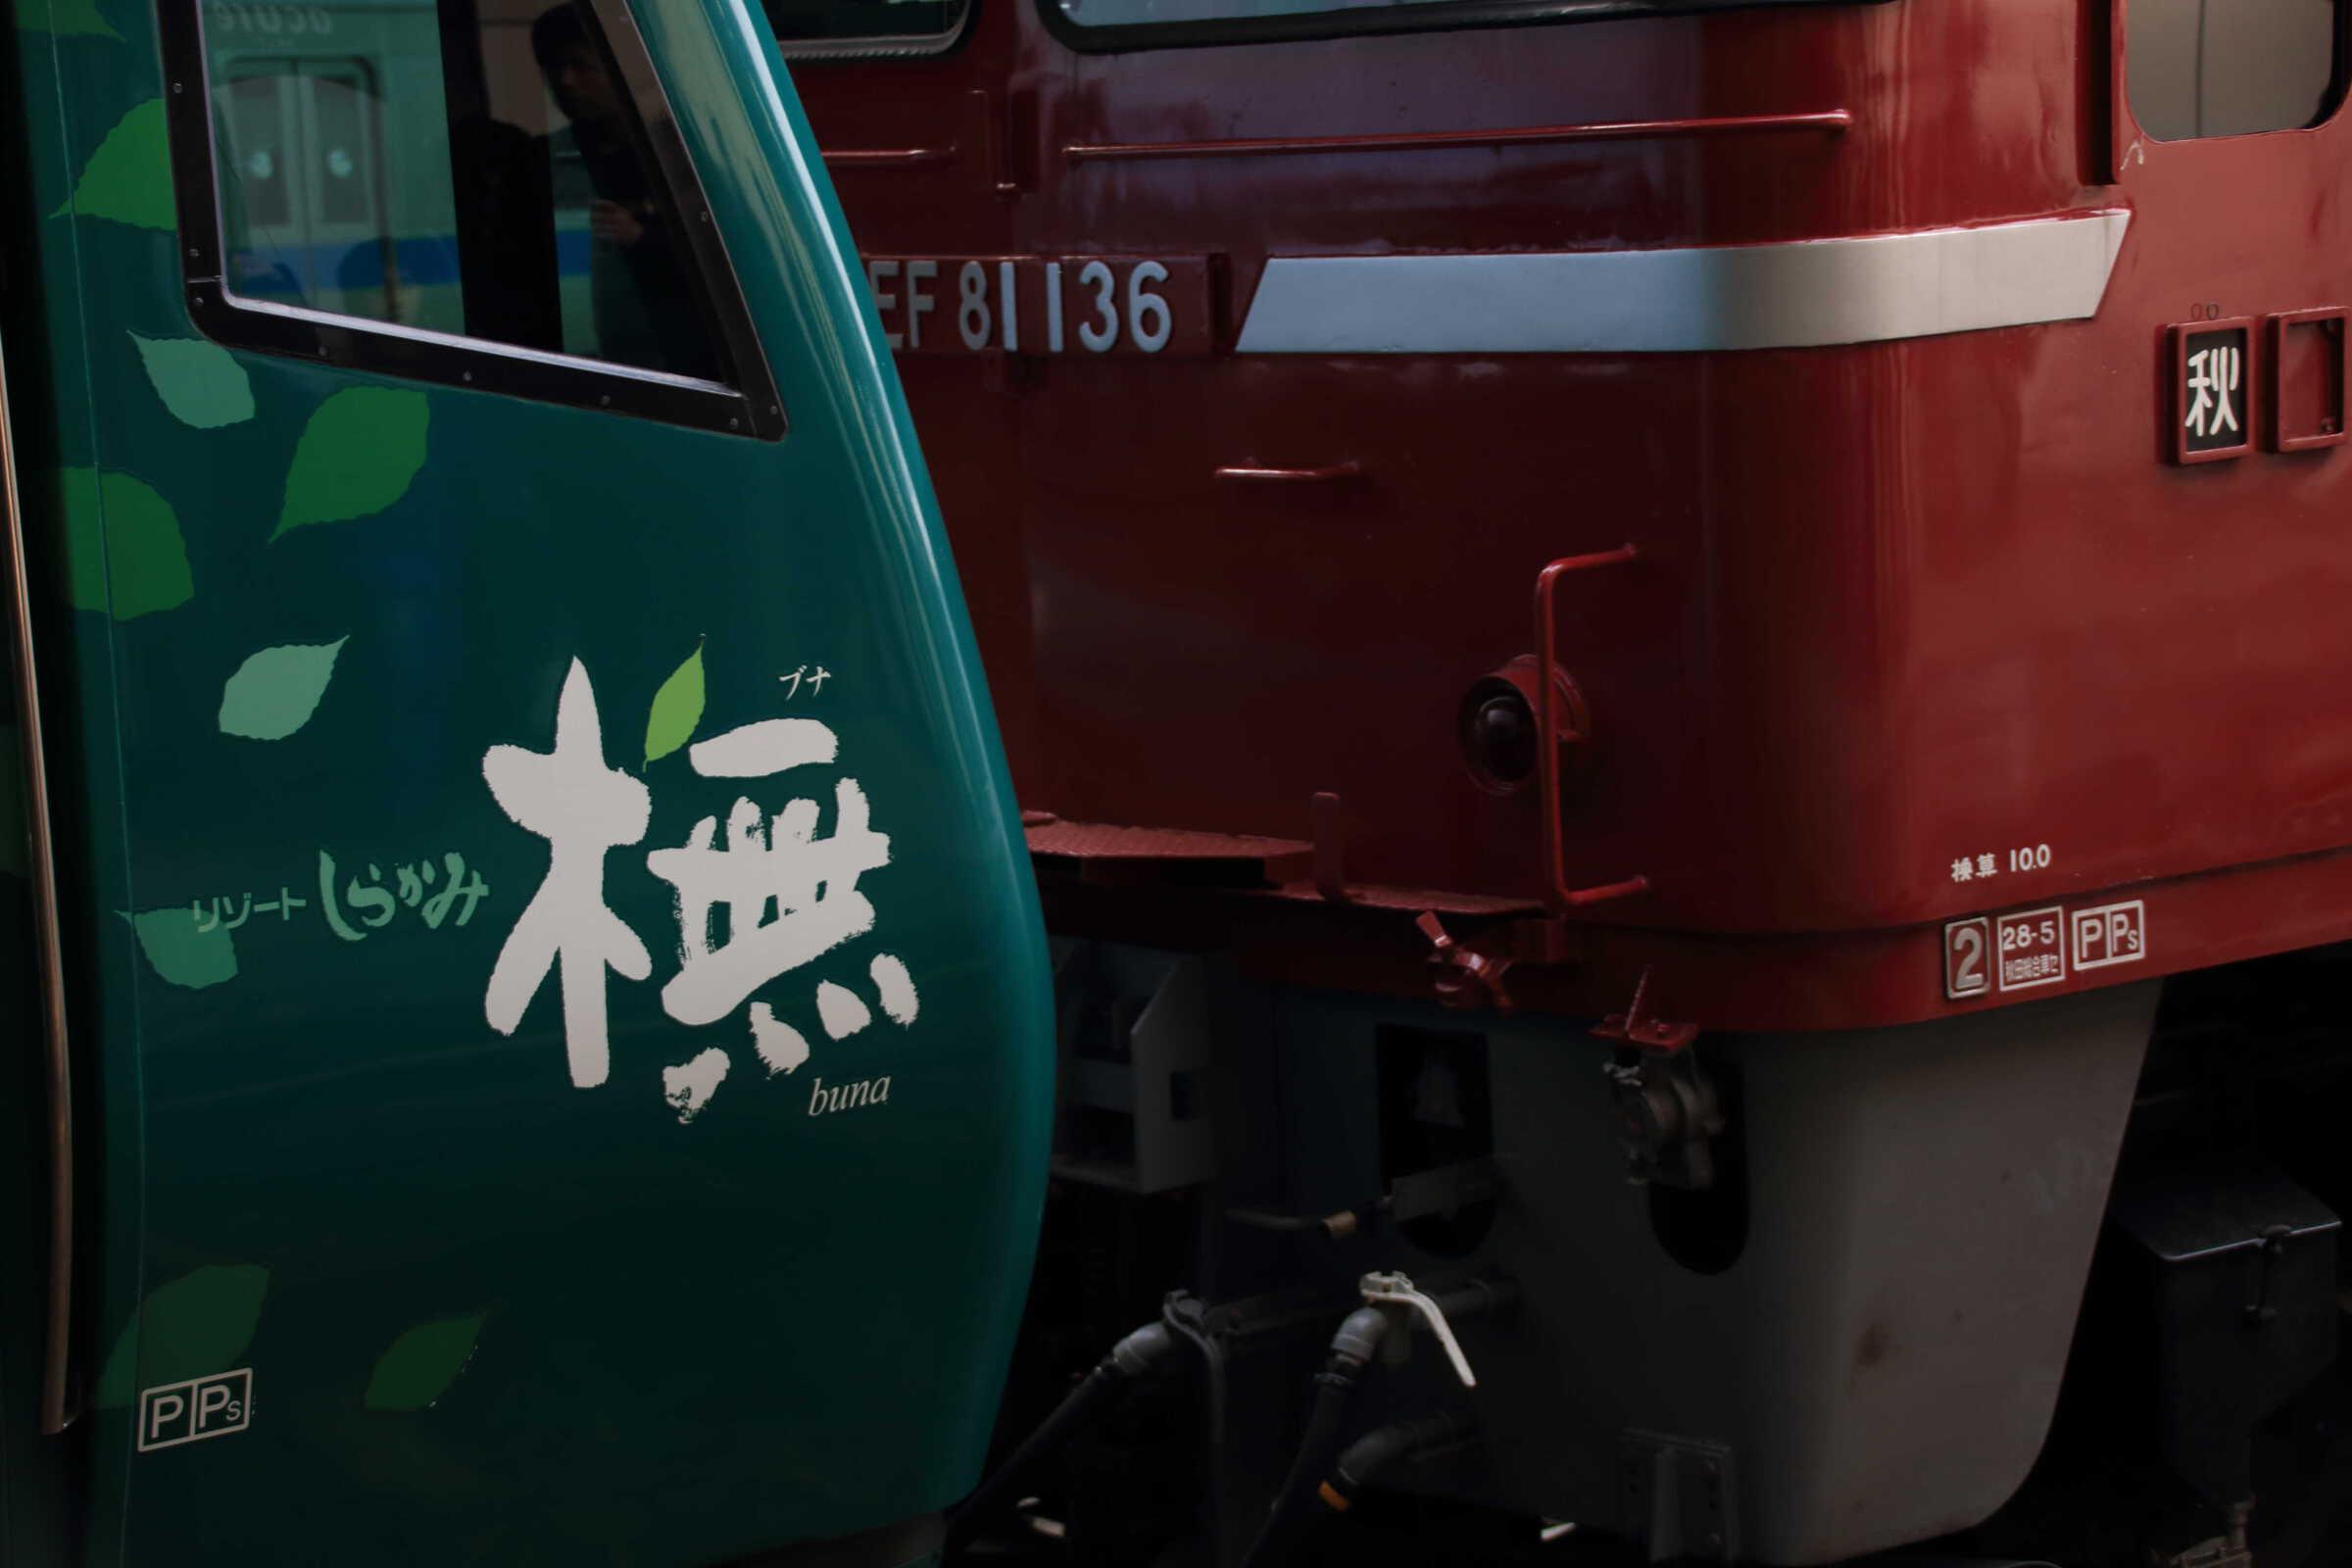 配9659列車 リゾートしらかみ 橅編成 鉄道博物館展示に伴う配給 EF81-136①[秋]+秋アキ HB-E300系4両 リゾートしらかみ 橅編成